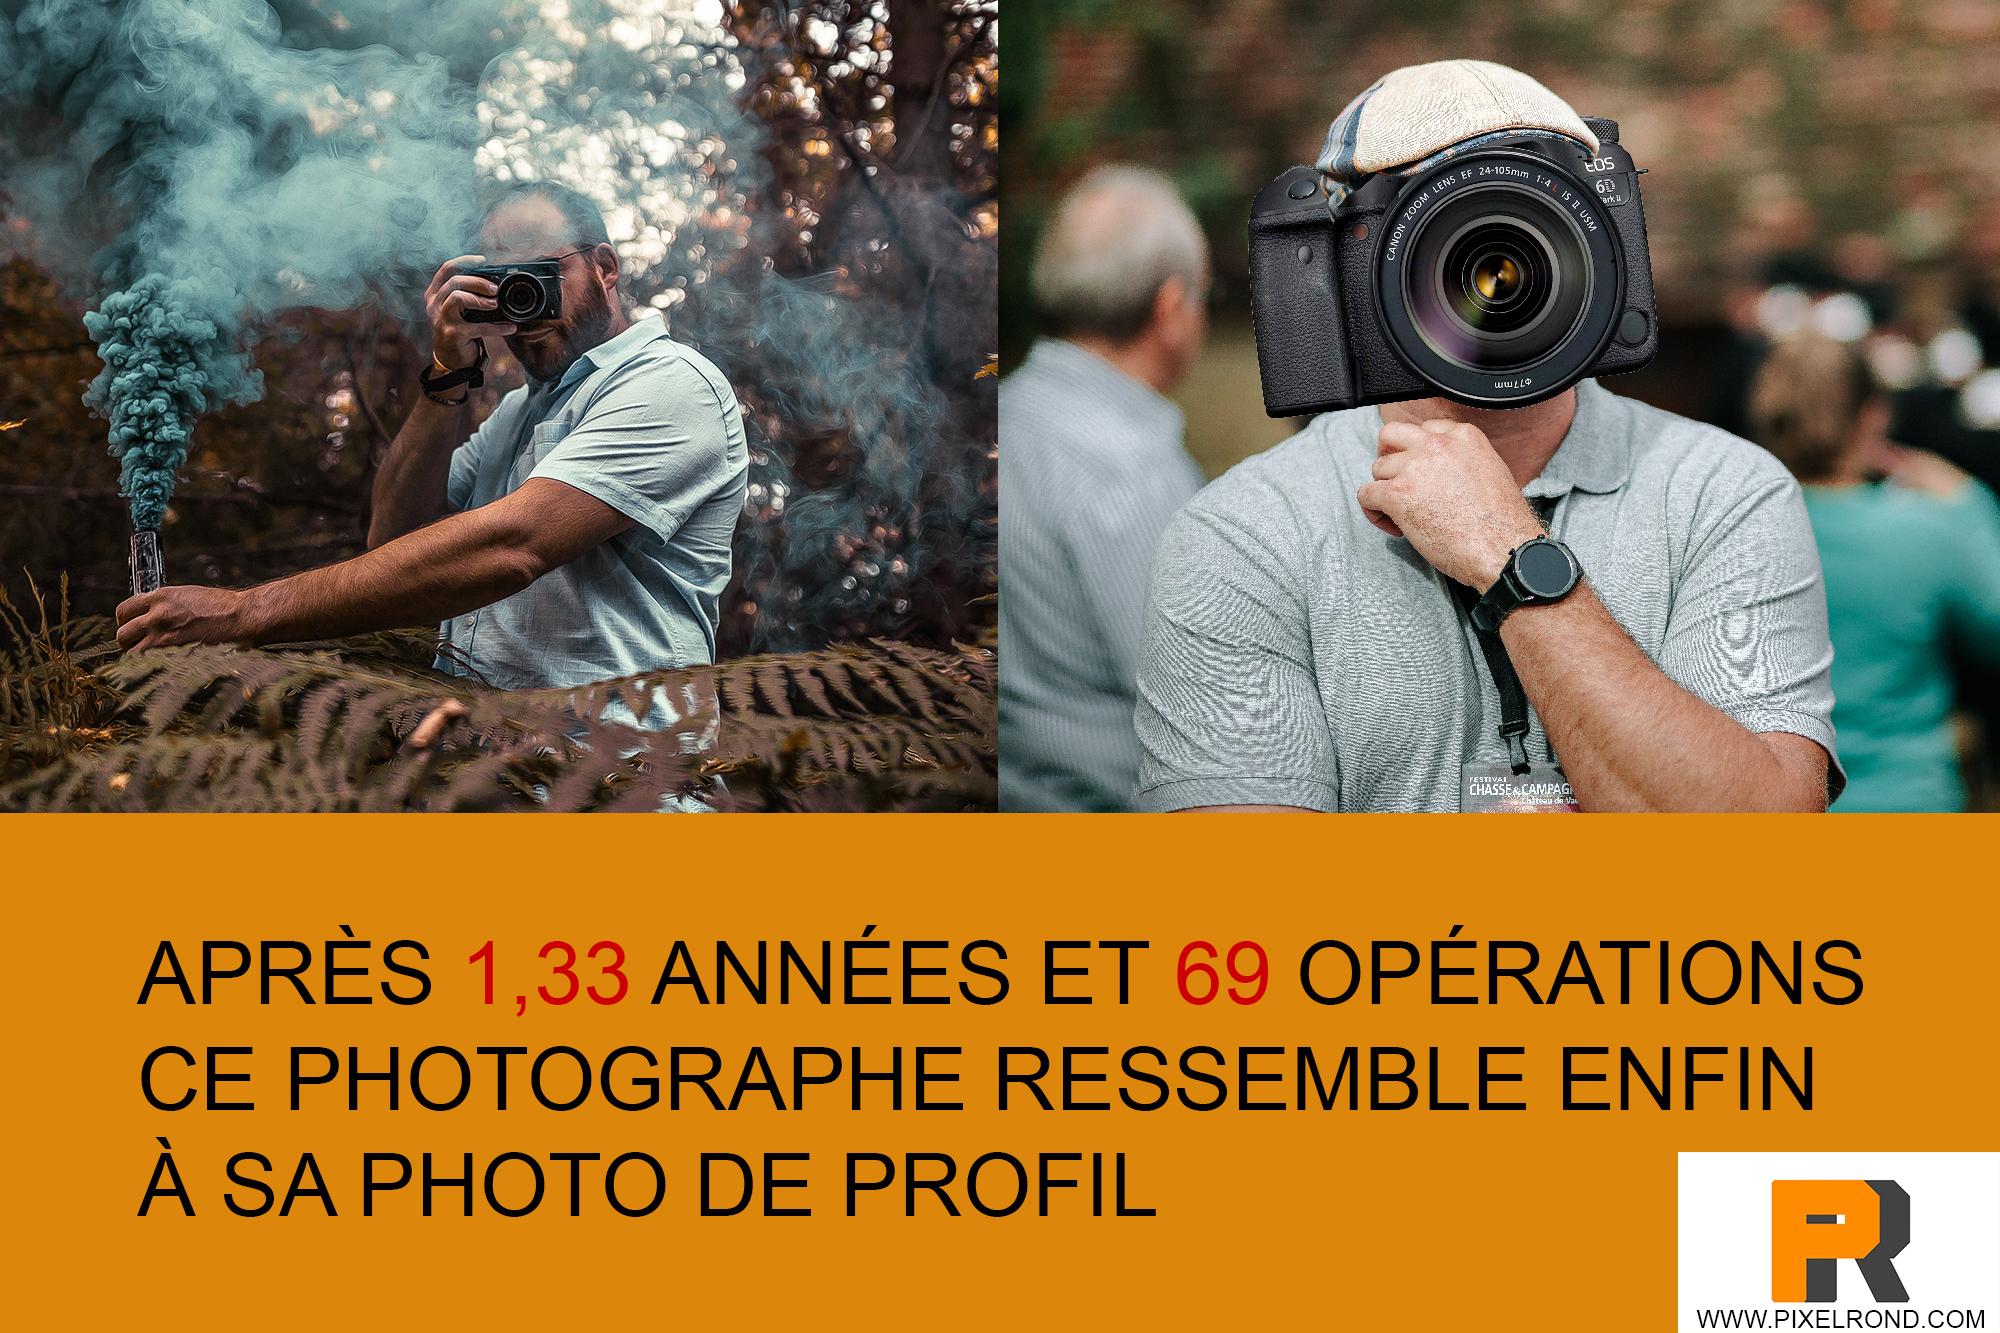 Après 69 opérations ce photographe ressemble...